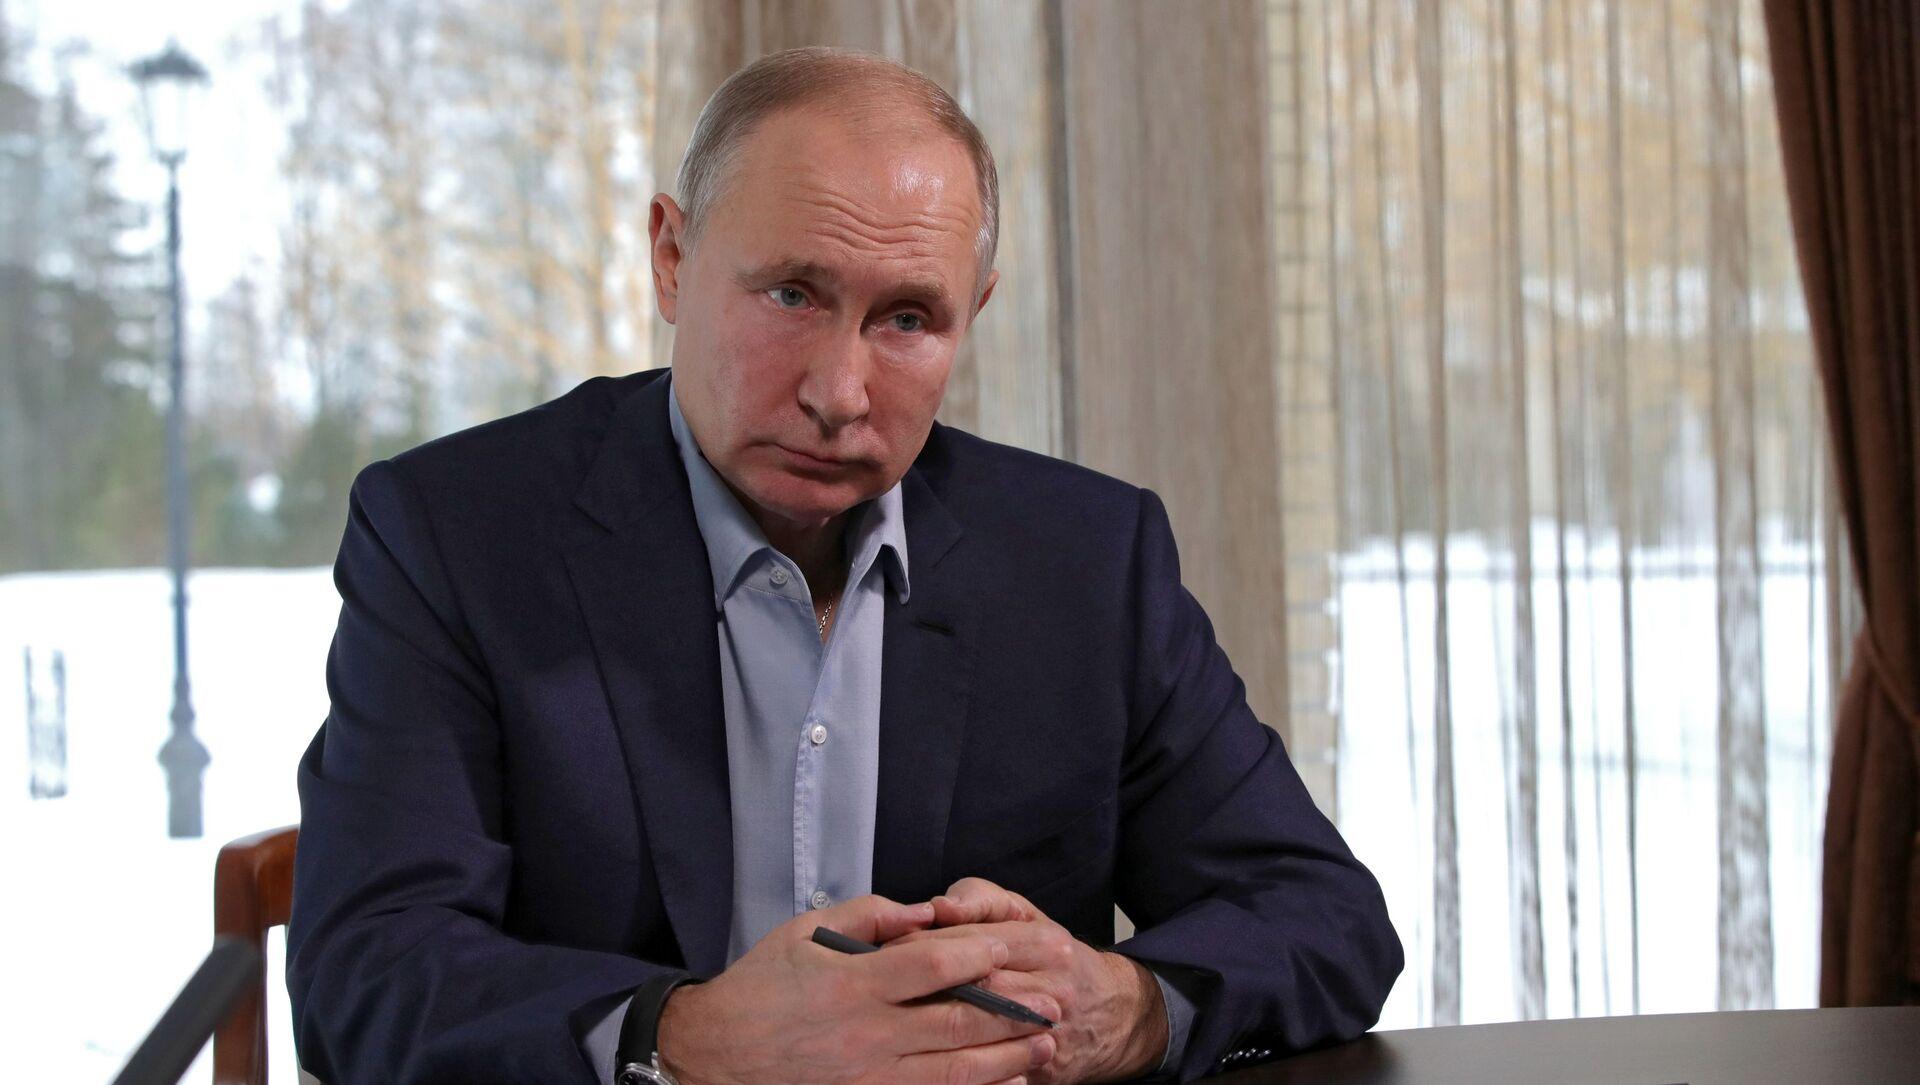 Ruský prezident Vladimir Putin debatuje se studenty v rámci režimu videokonference  - Sputnik Česká republika, 1920, 23.03.2021